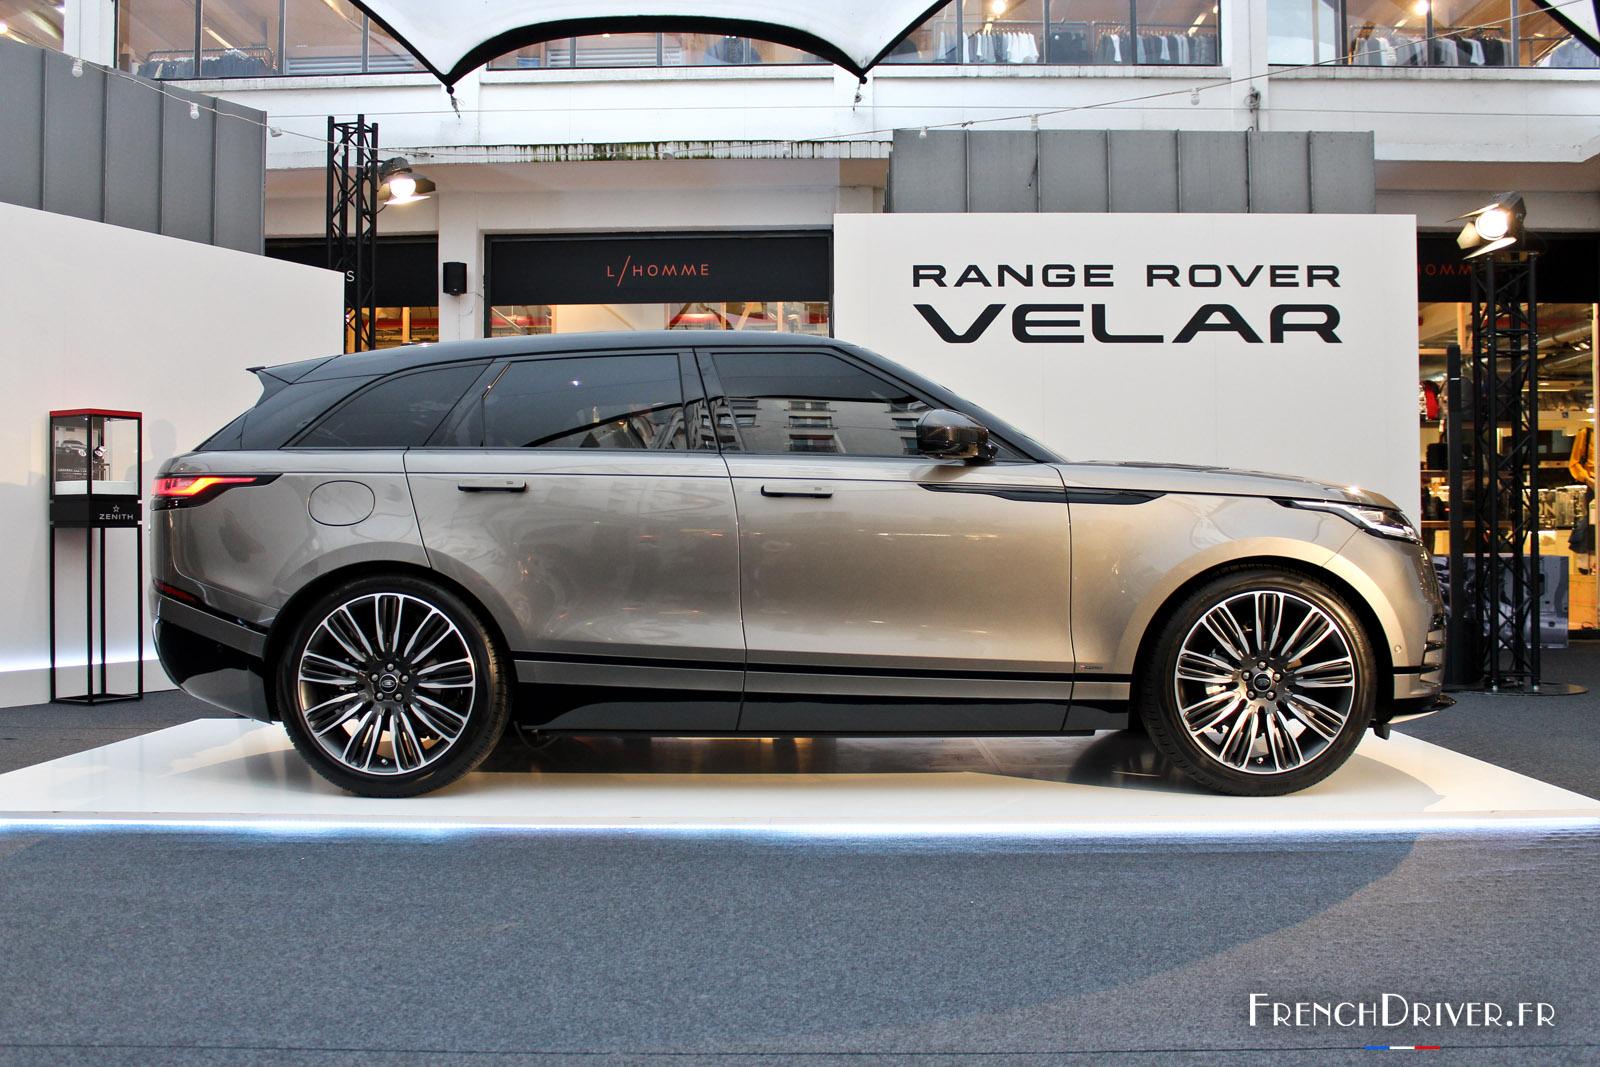 photos le range rover velar fait ses premiers pas paris french driver. Black Bedroom Furniture Sets. Home Design Ideas